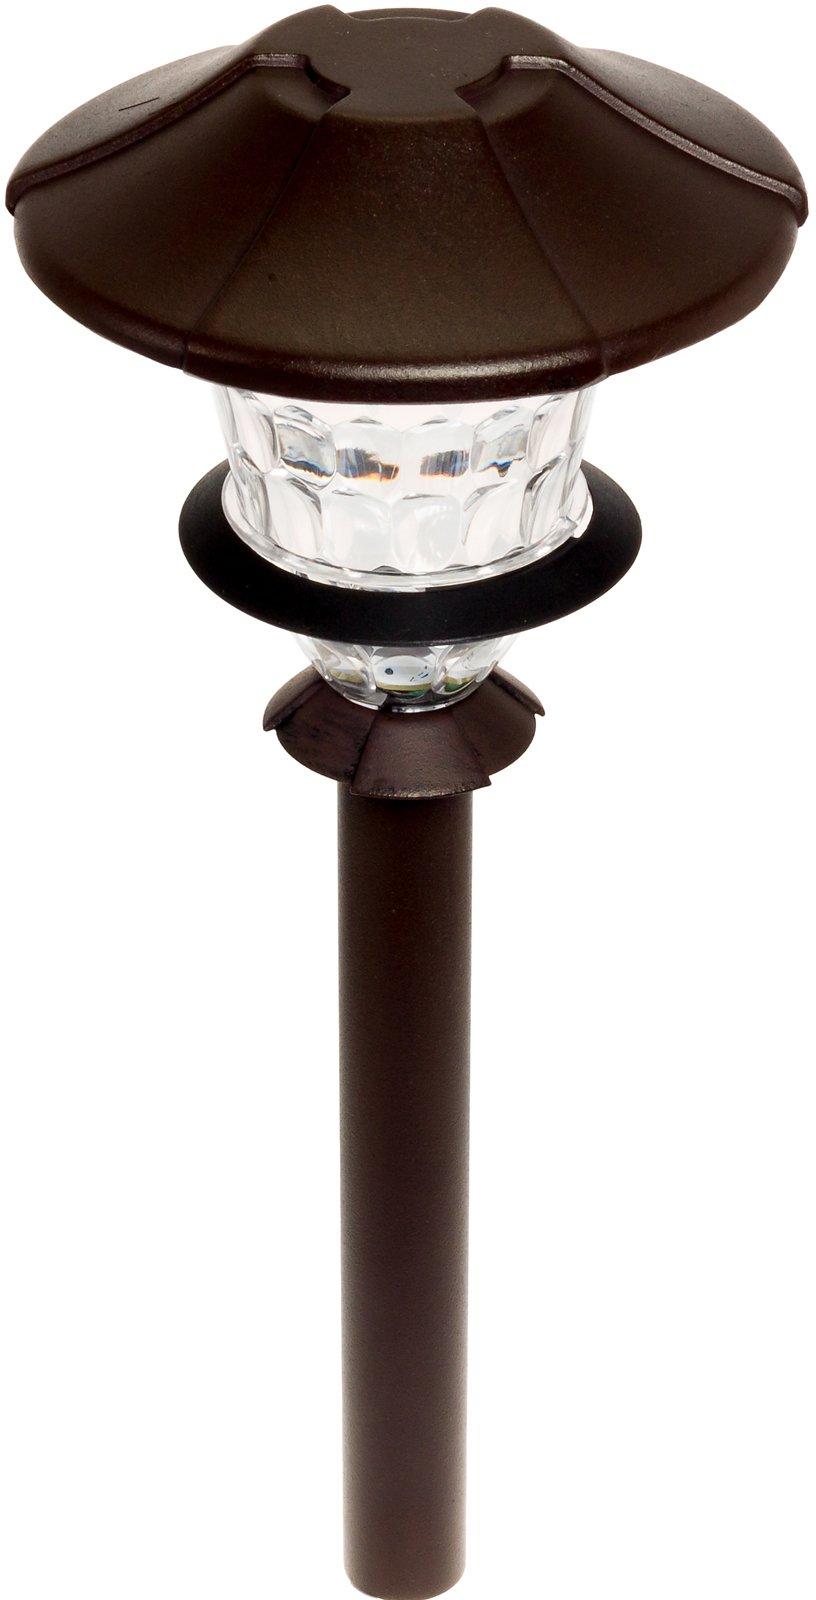 Paradise GL33869 Low Voltage LED 0.75W Aluminum Path Light (Oil Rubbed Bronze)